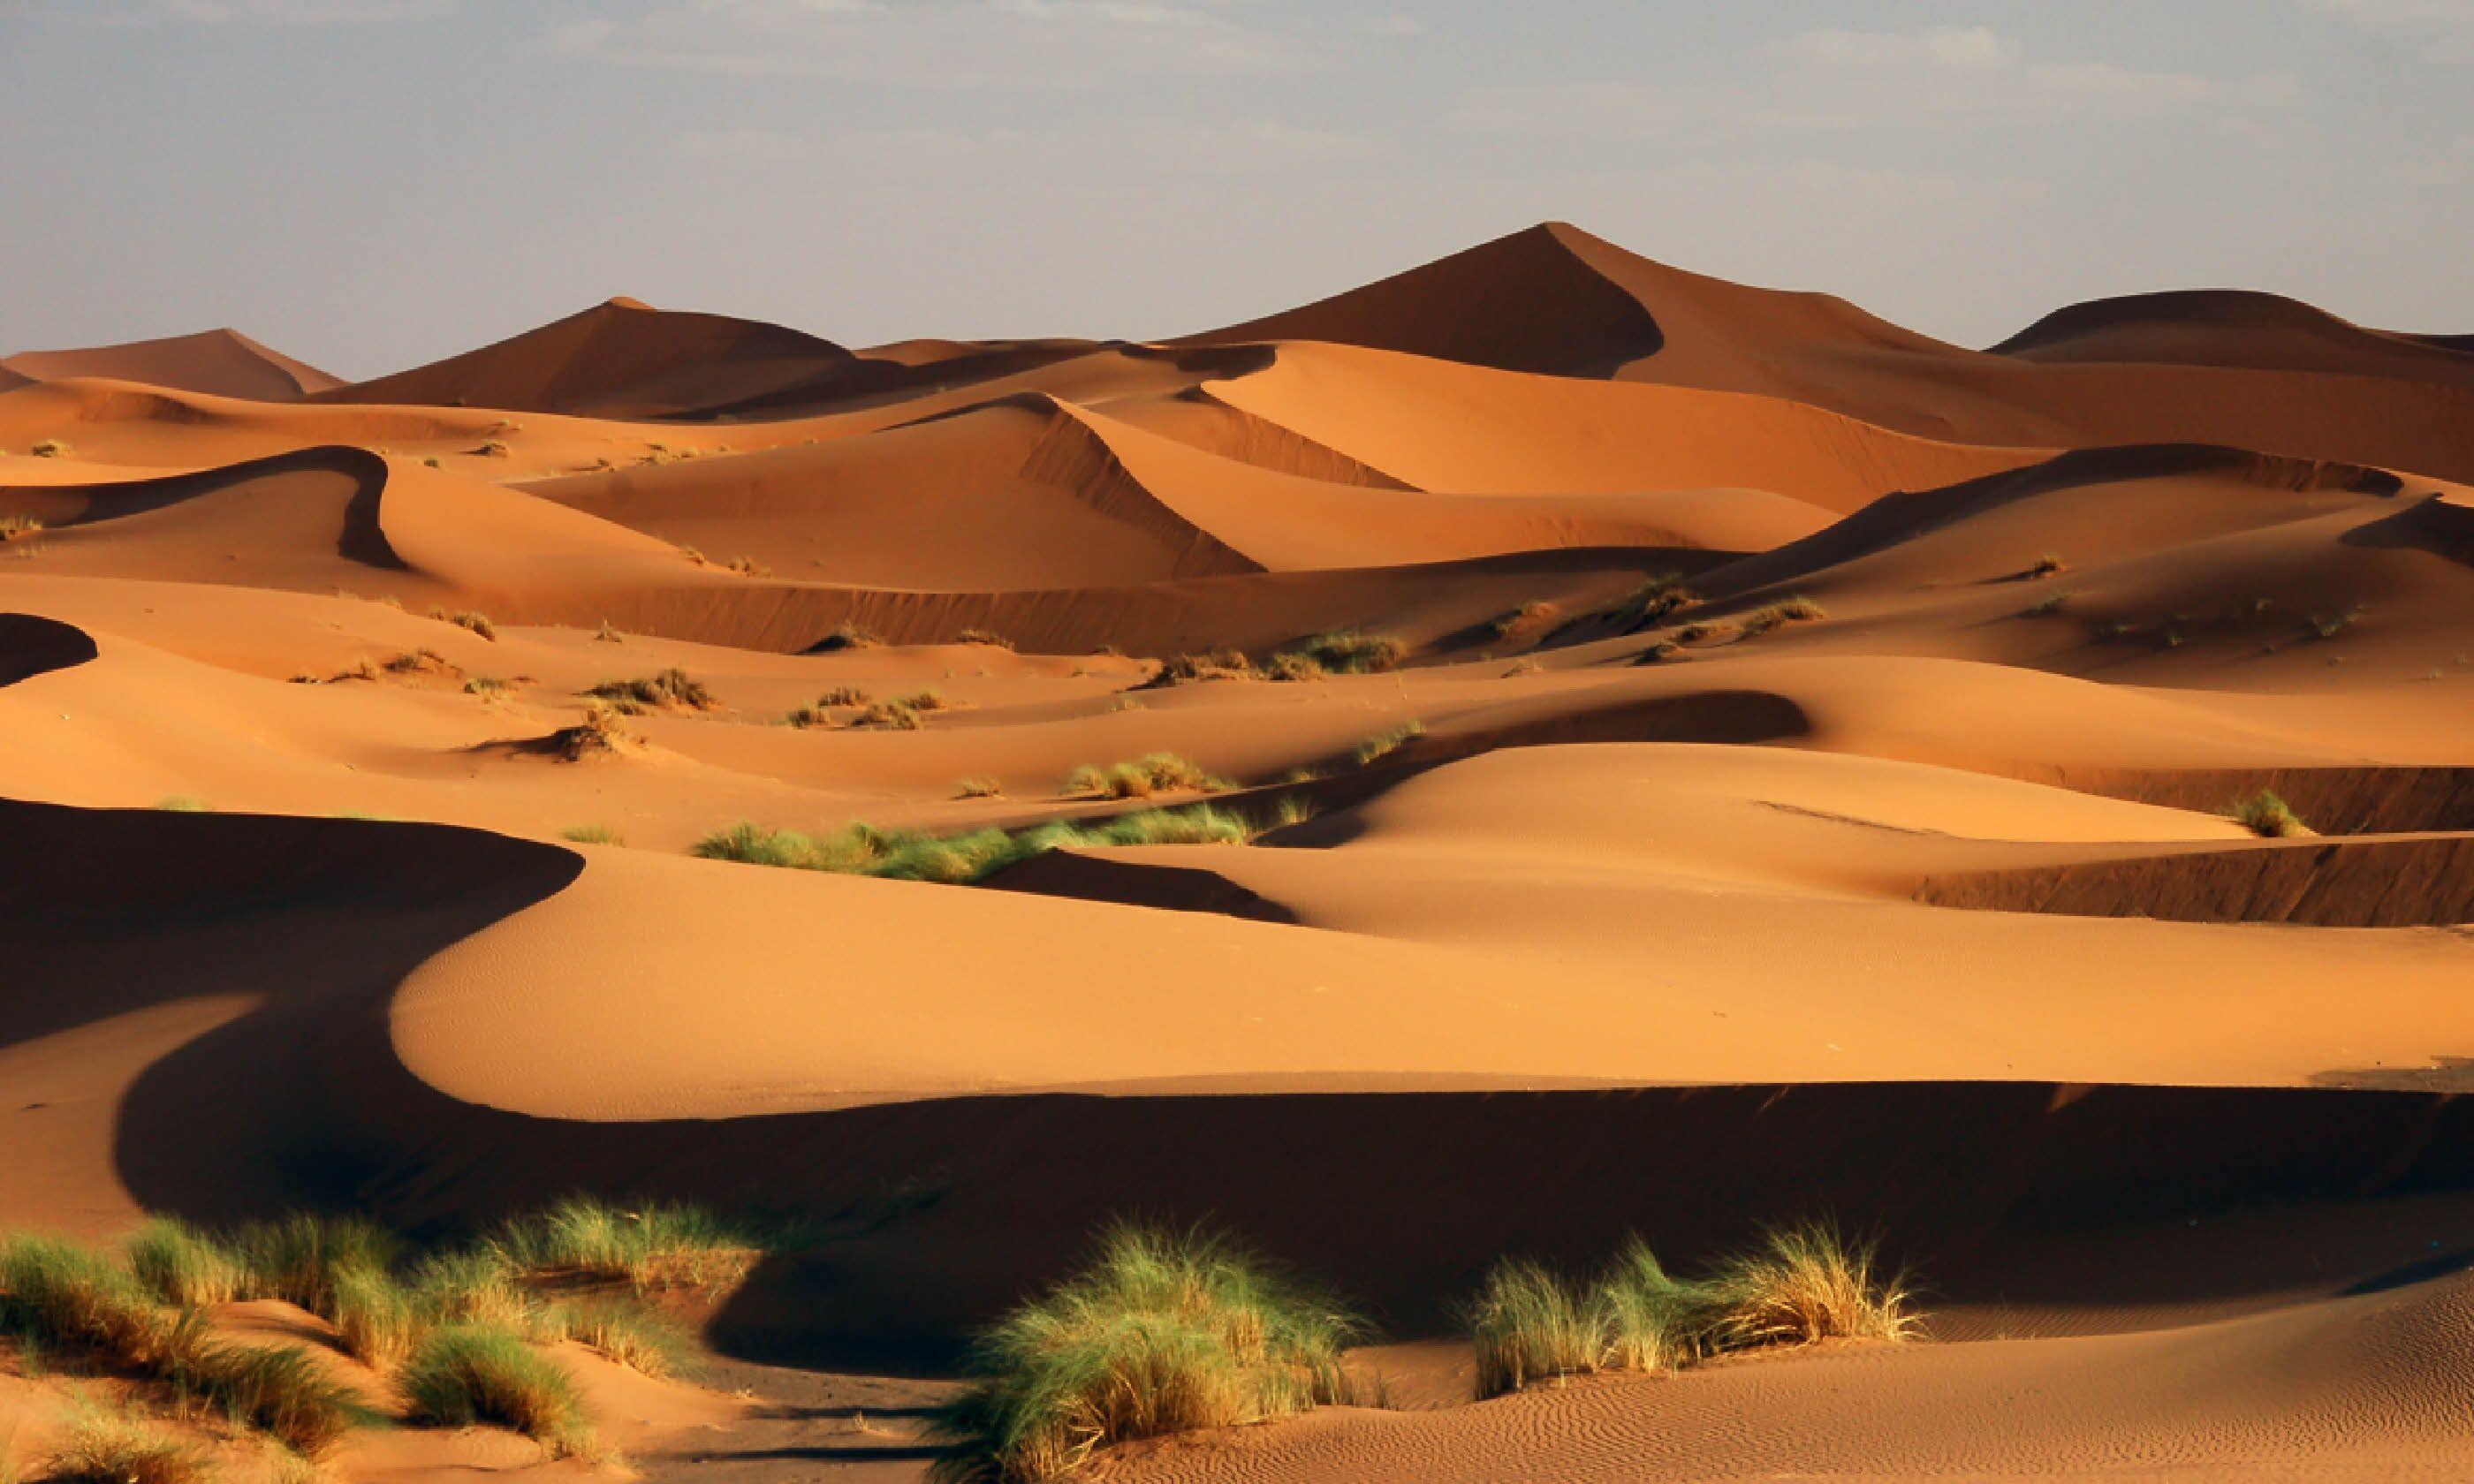 Sahara Desert, Morocco (Shutterstock)